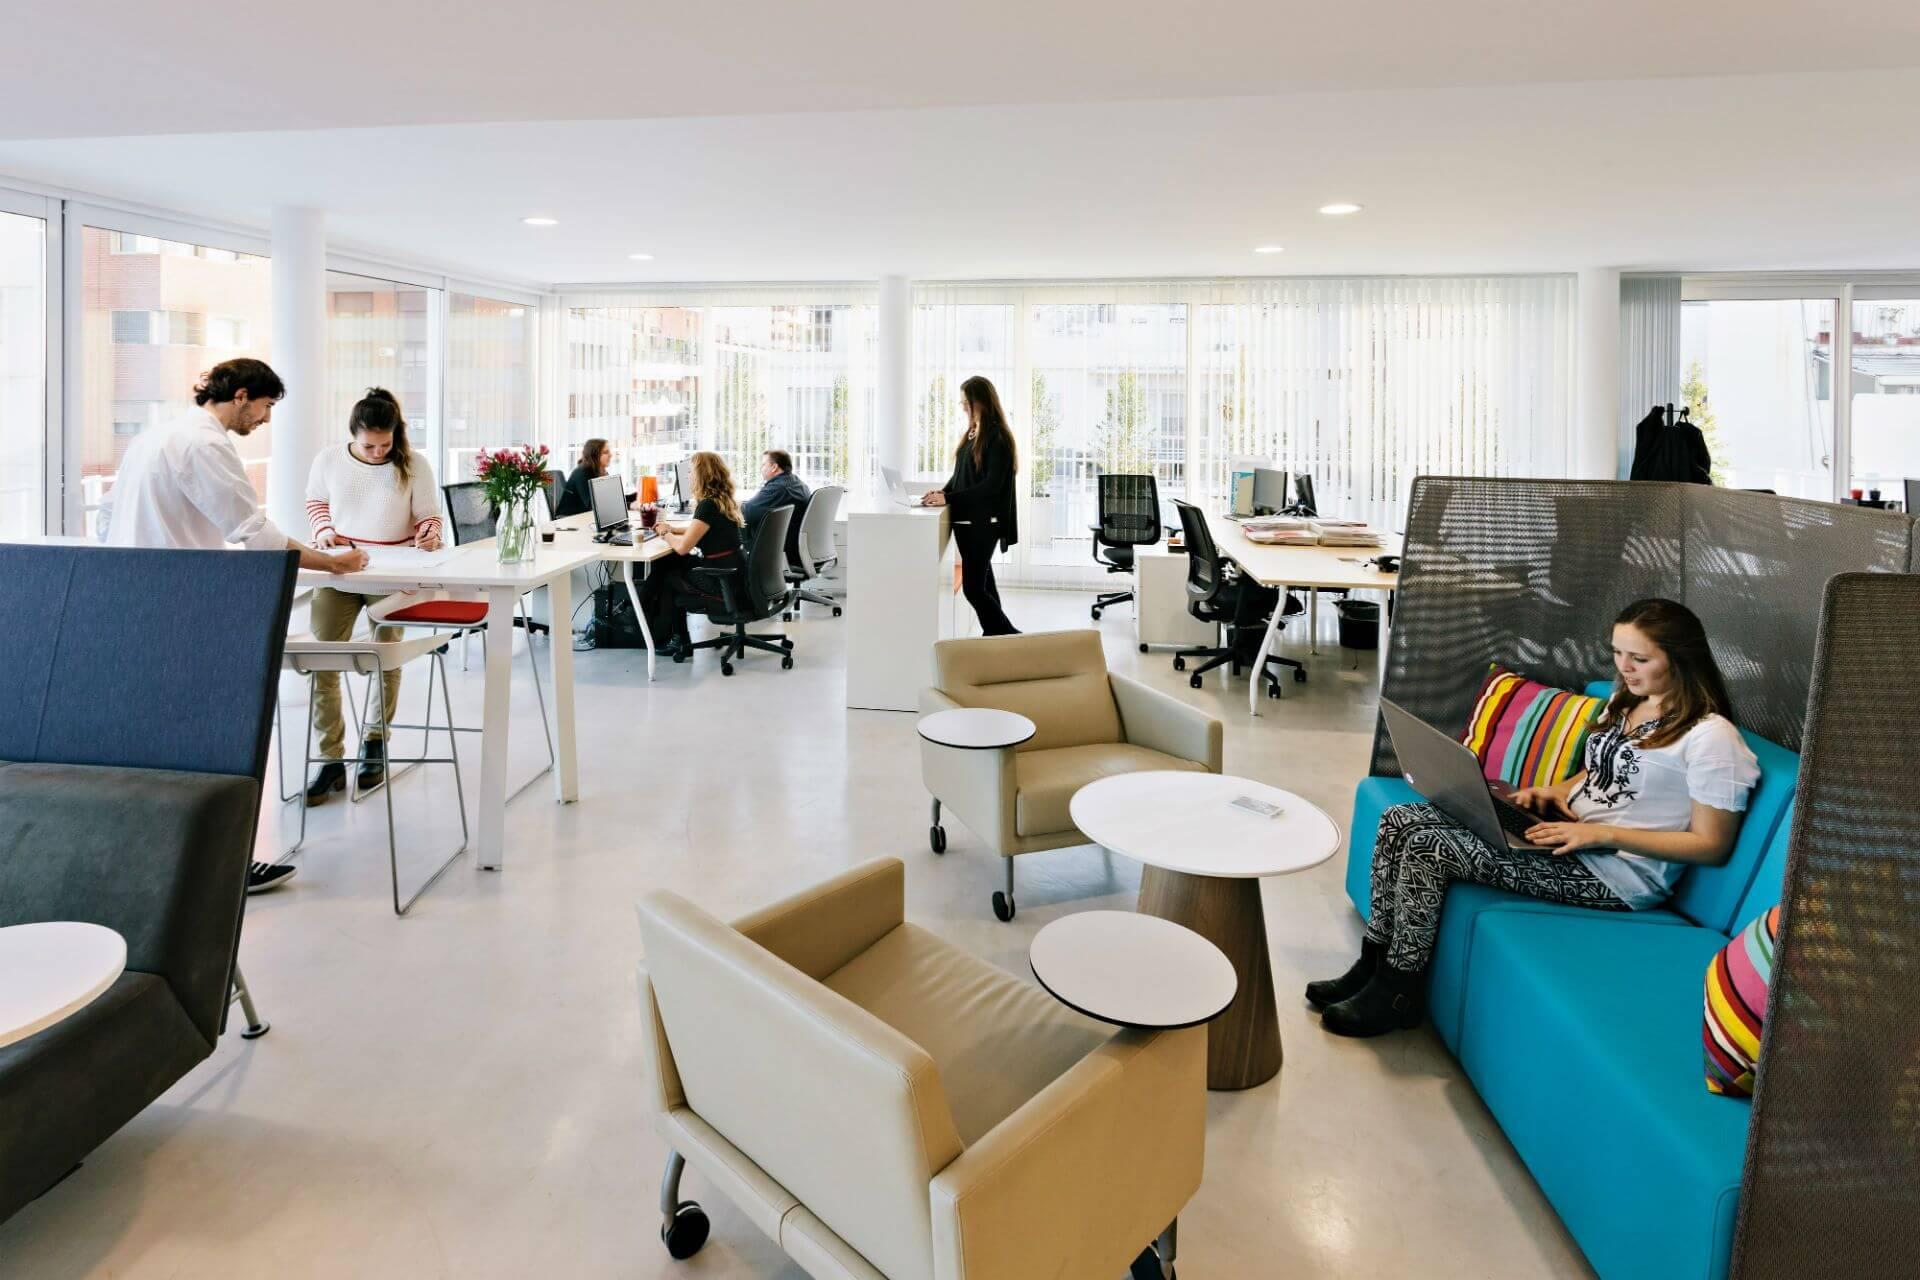 Una semana de actividades abiertas y gratuitas para el emprendedor